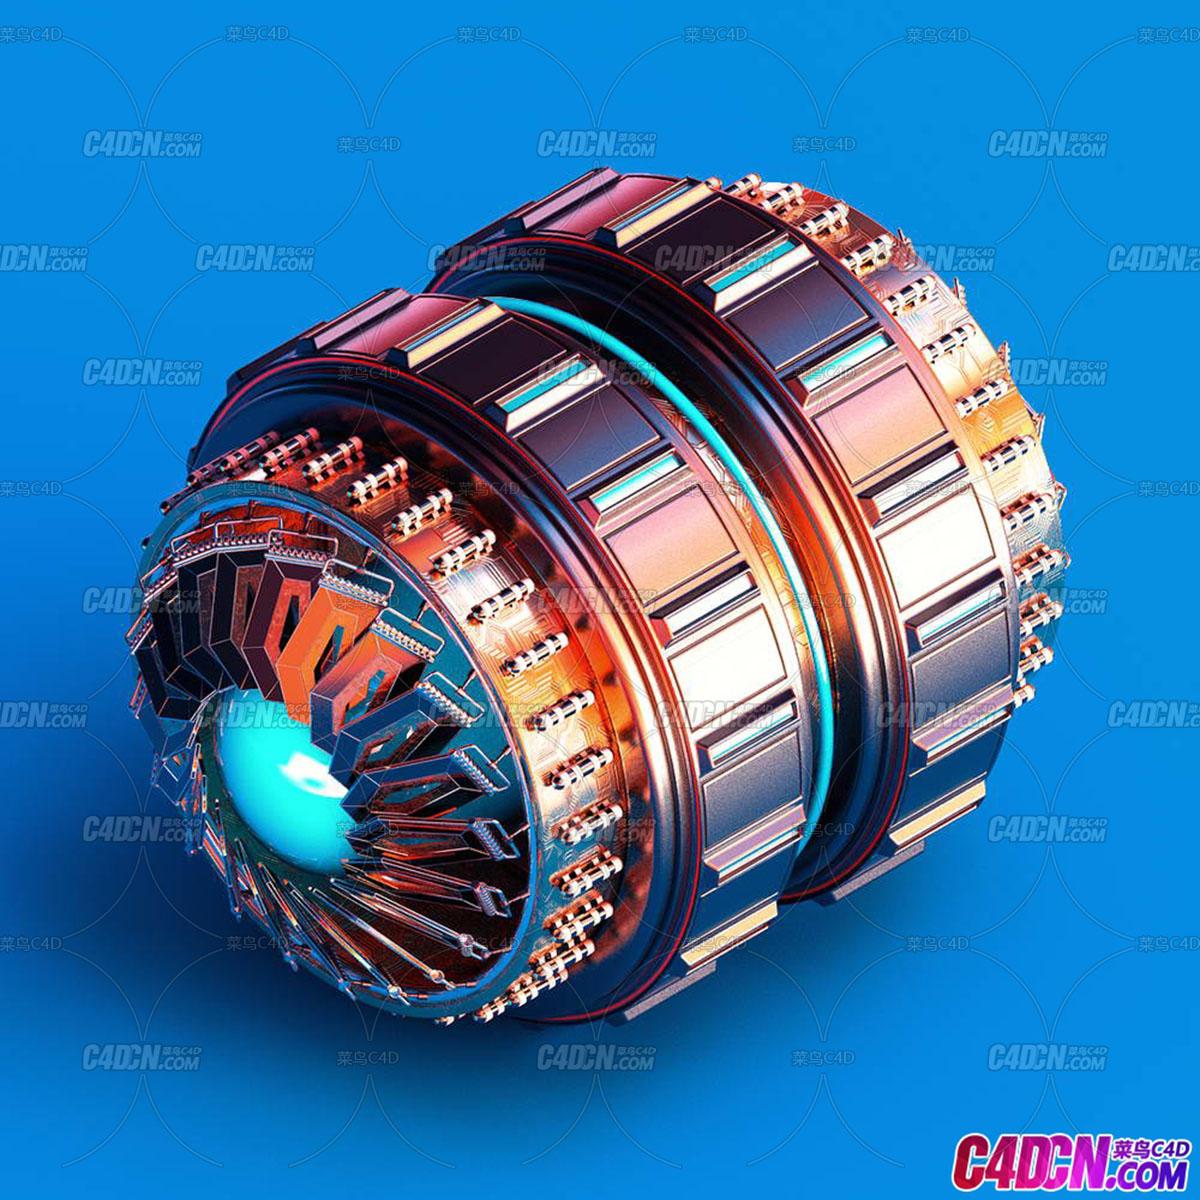 C4D优秀工程文件 No.282 机械引擎 Dynamo